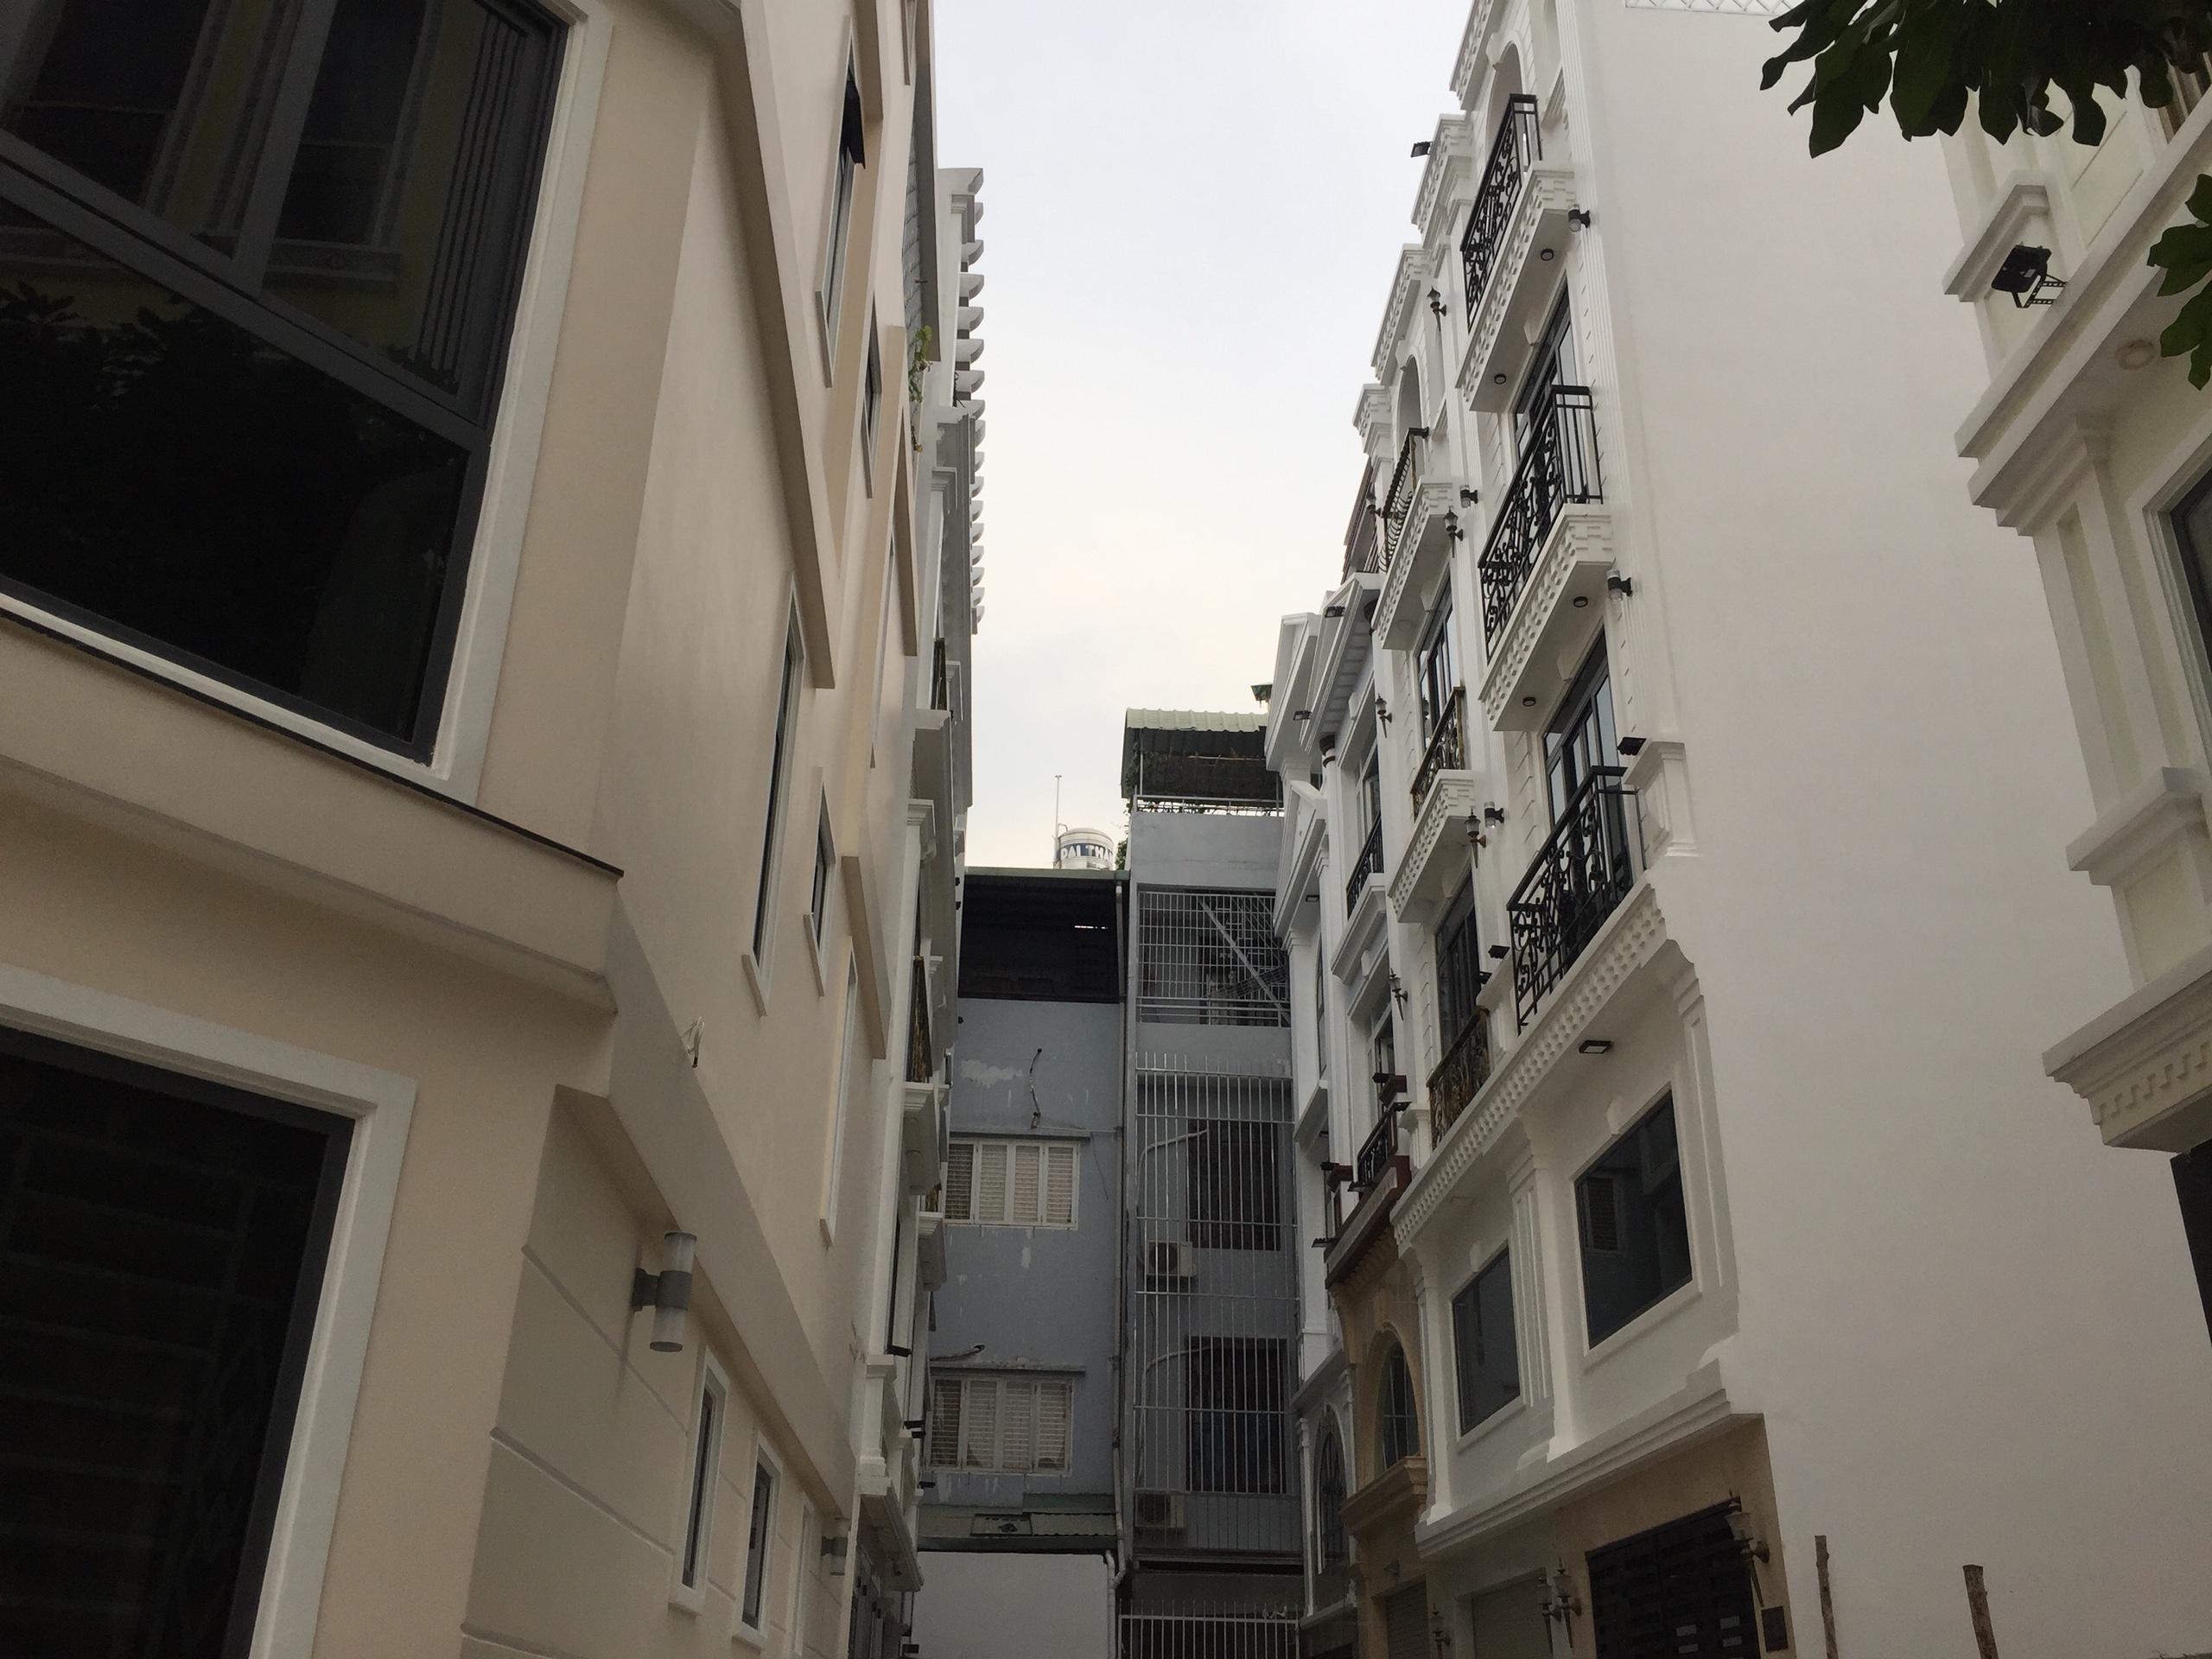 Bán nhà Nơ Trang Long P13 Bình Thạnh 4x13m 3.5 lầu 7.4 tỷ ĐN